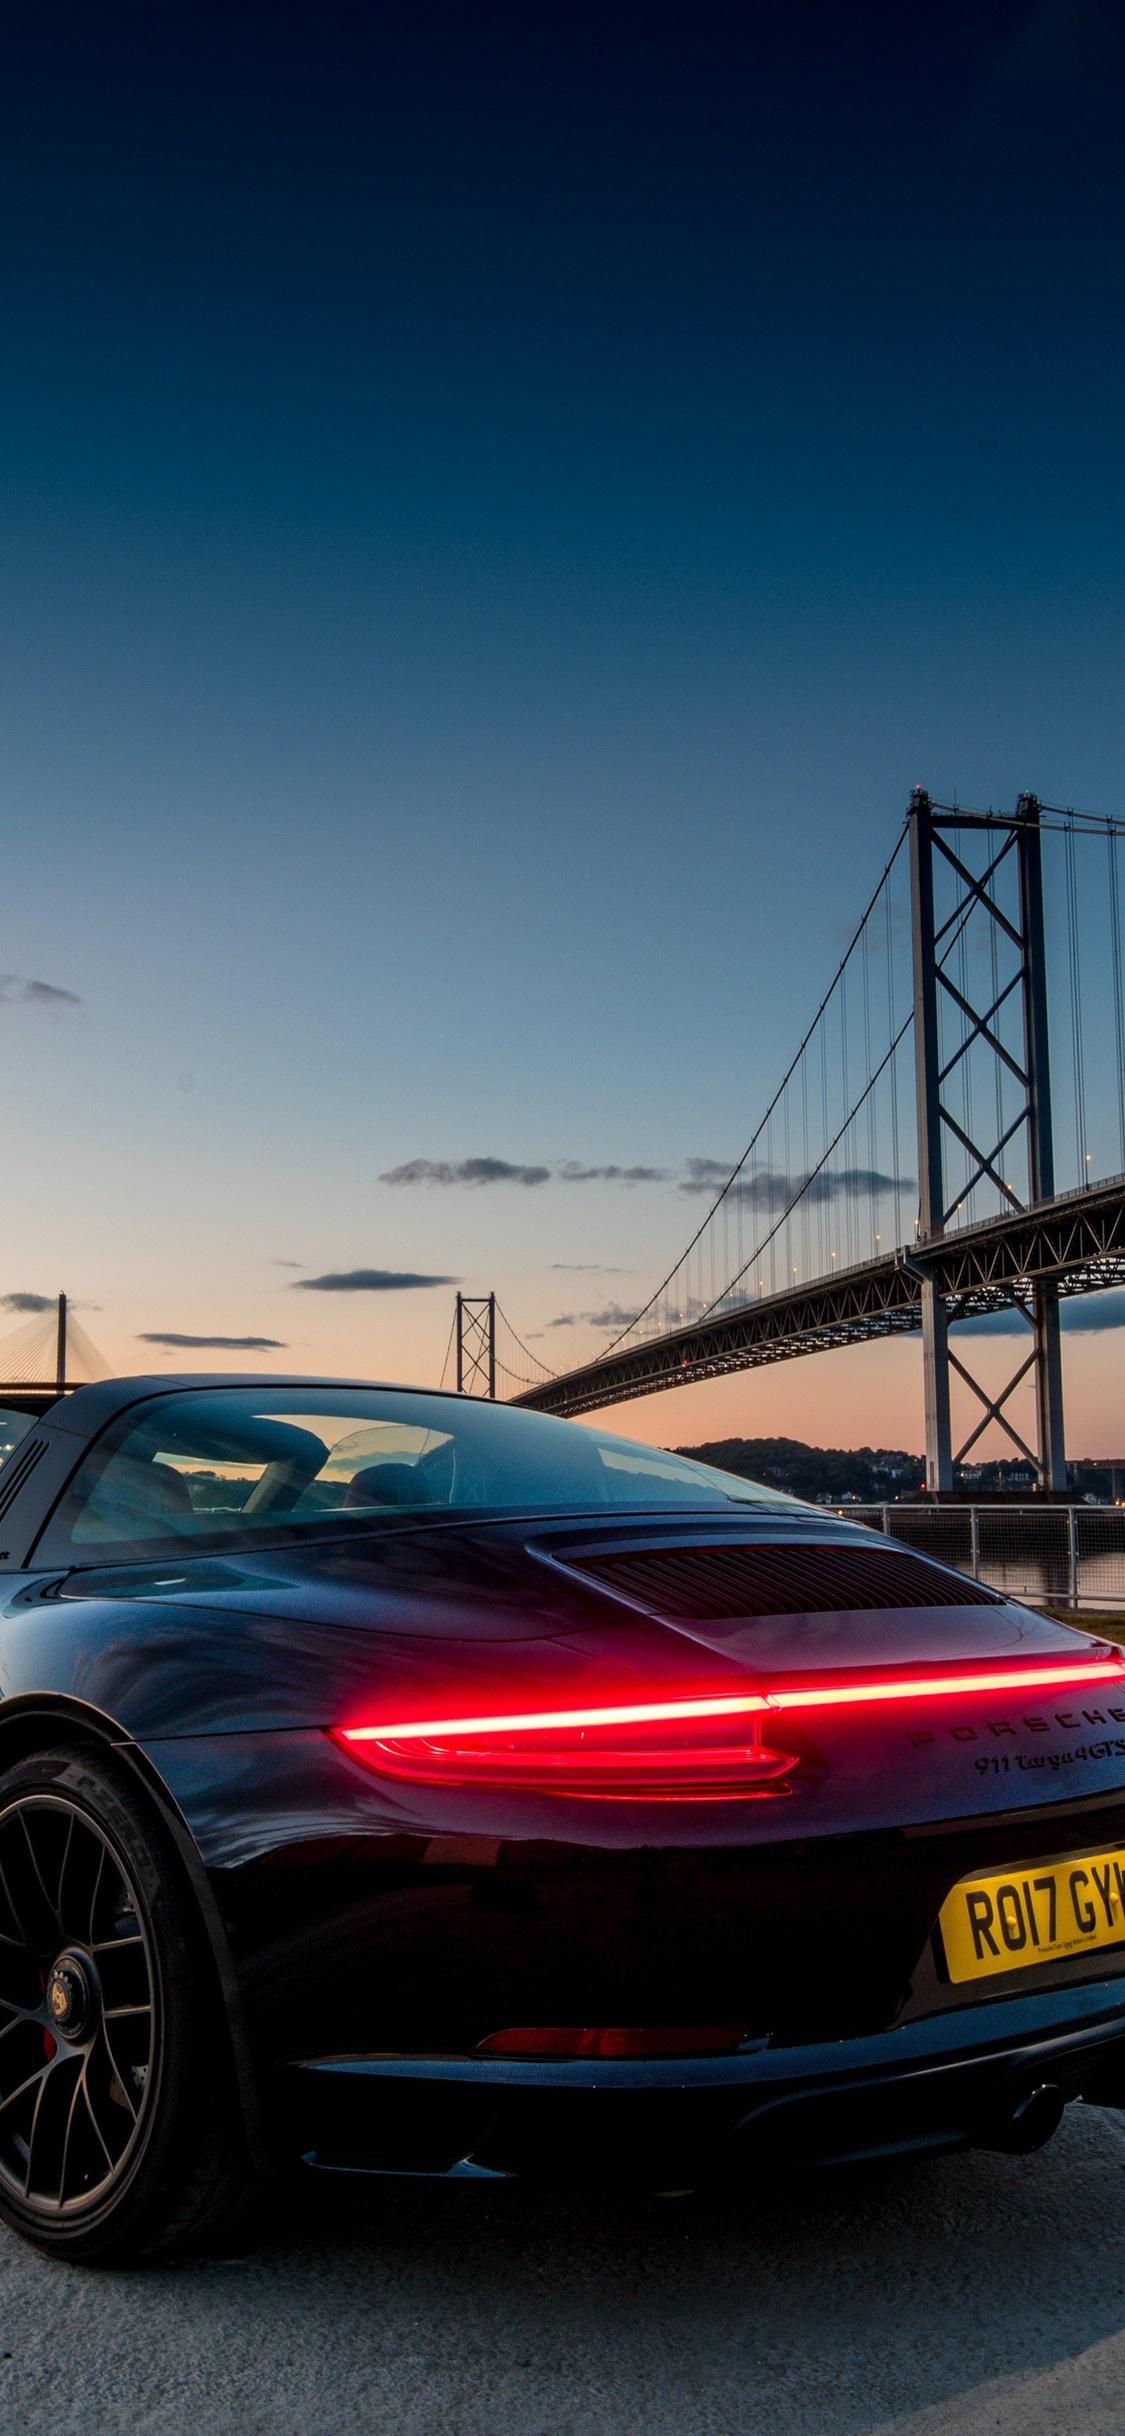 Porsche 911 Targa 5s Iphone X Wallpaper Porsche 911 Gt2 Rs Wallpaper Iphone 1125x2436 Wallpaper Teahub Io